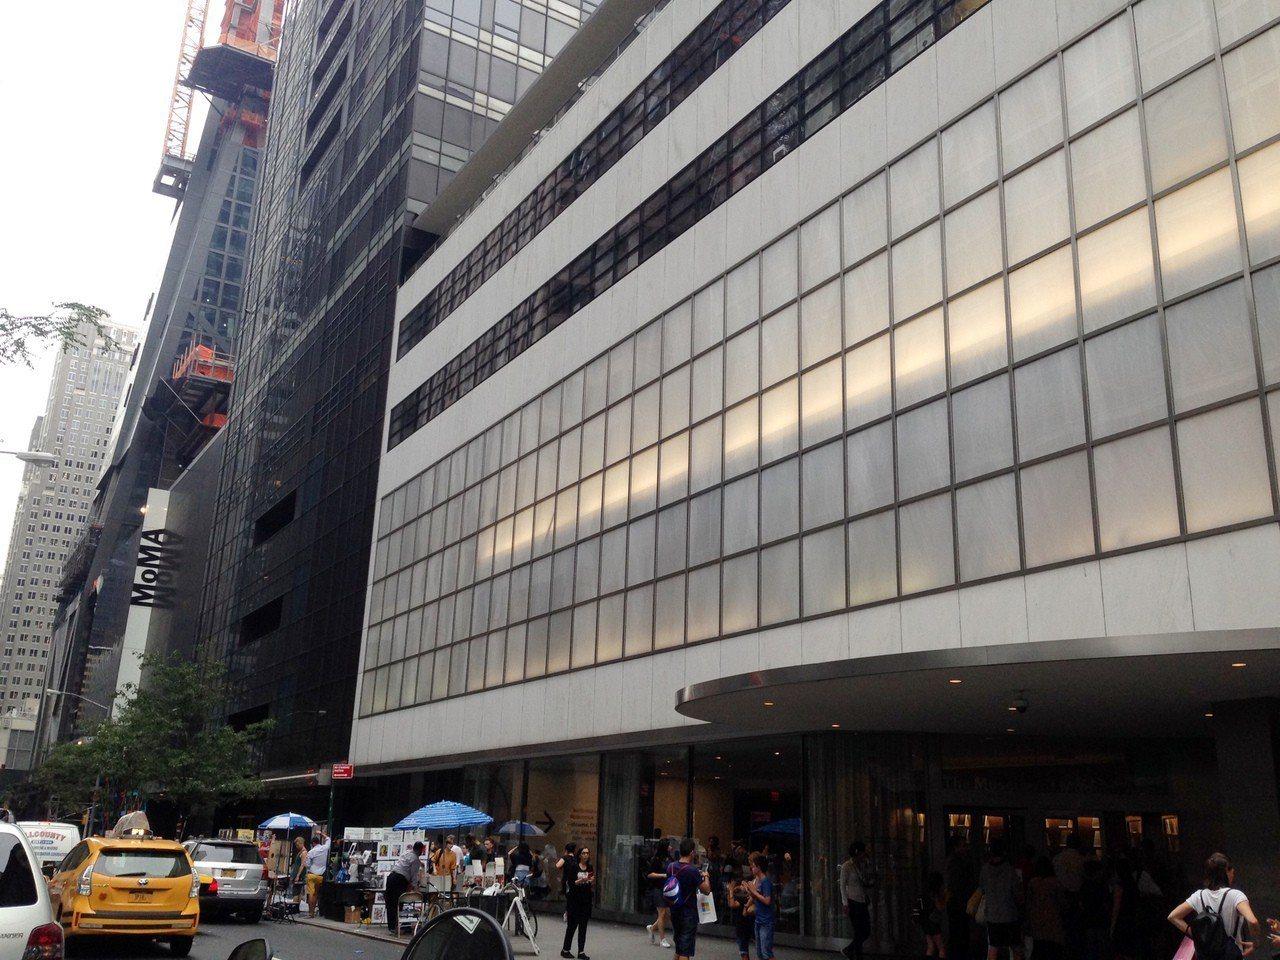 現代藝術博物館(MoMA)每周五下午4時至8時可免費入場。記者林巧璉/攝影